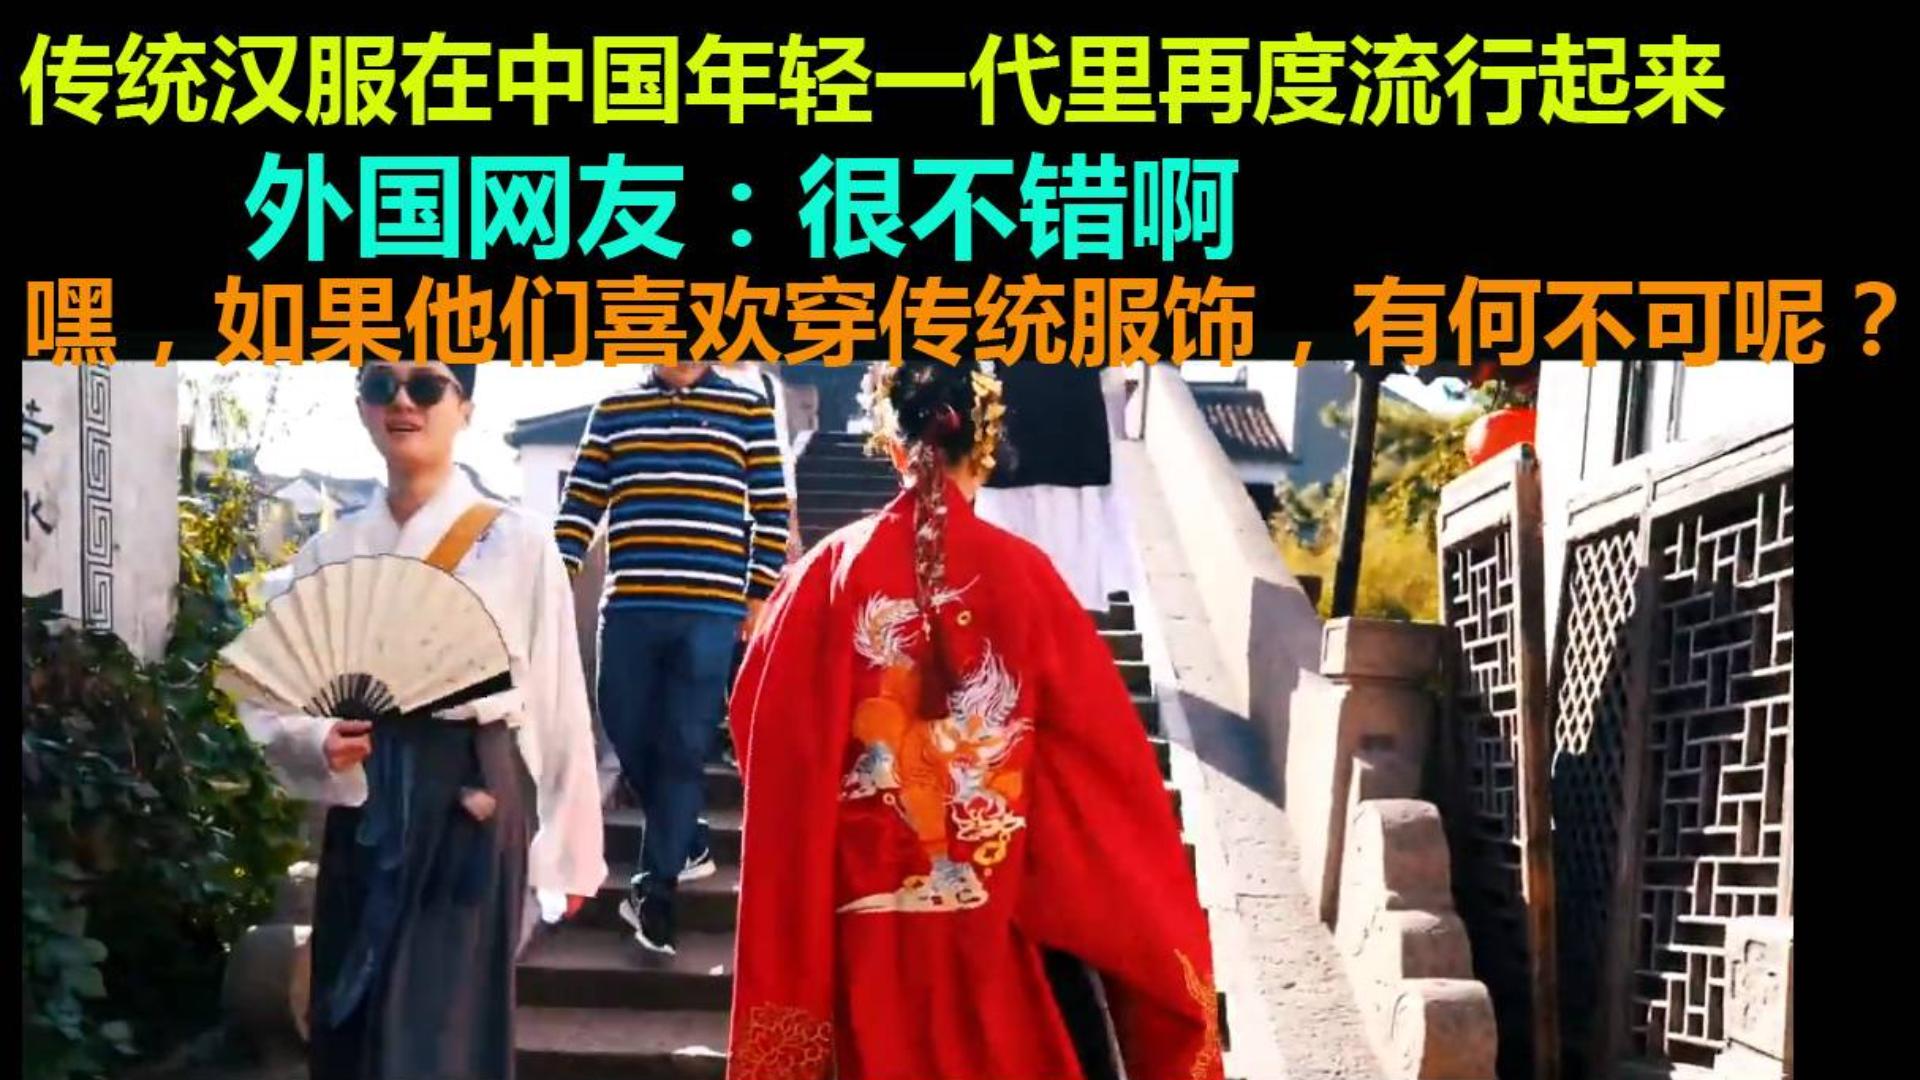 传统汉服在中国年轻一代里再度流行起来